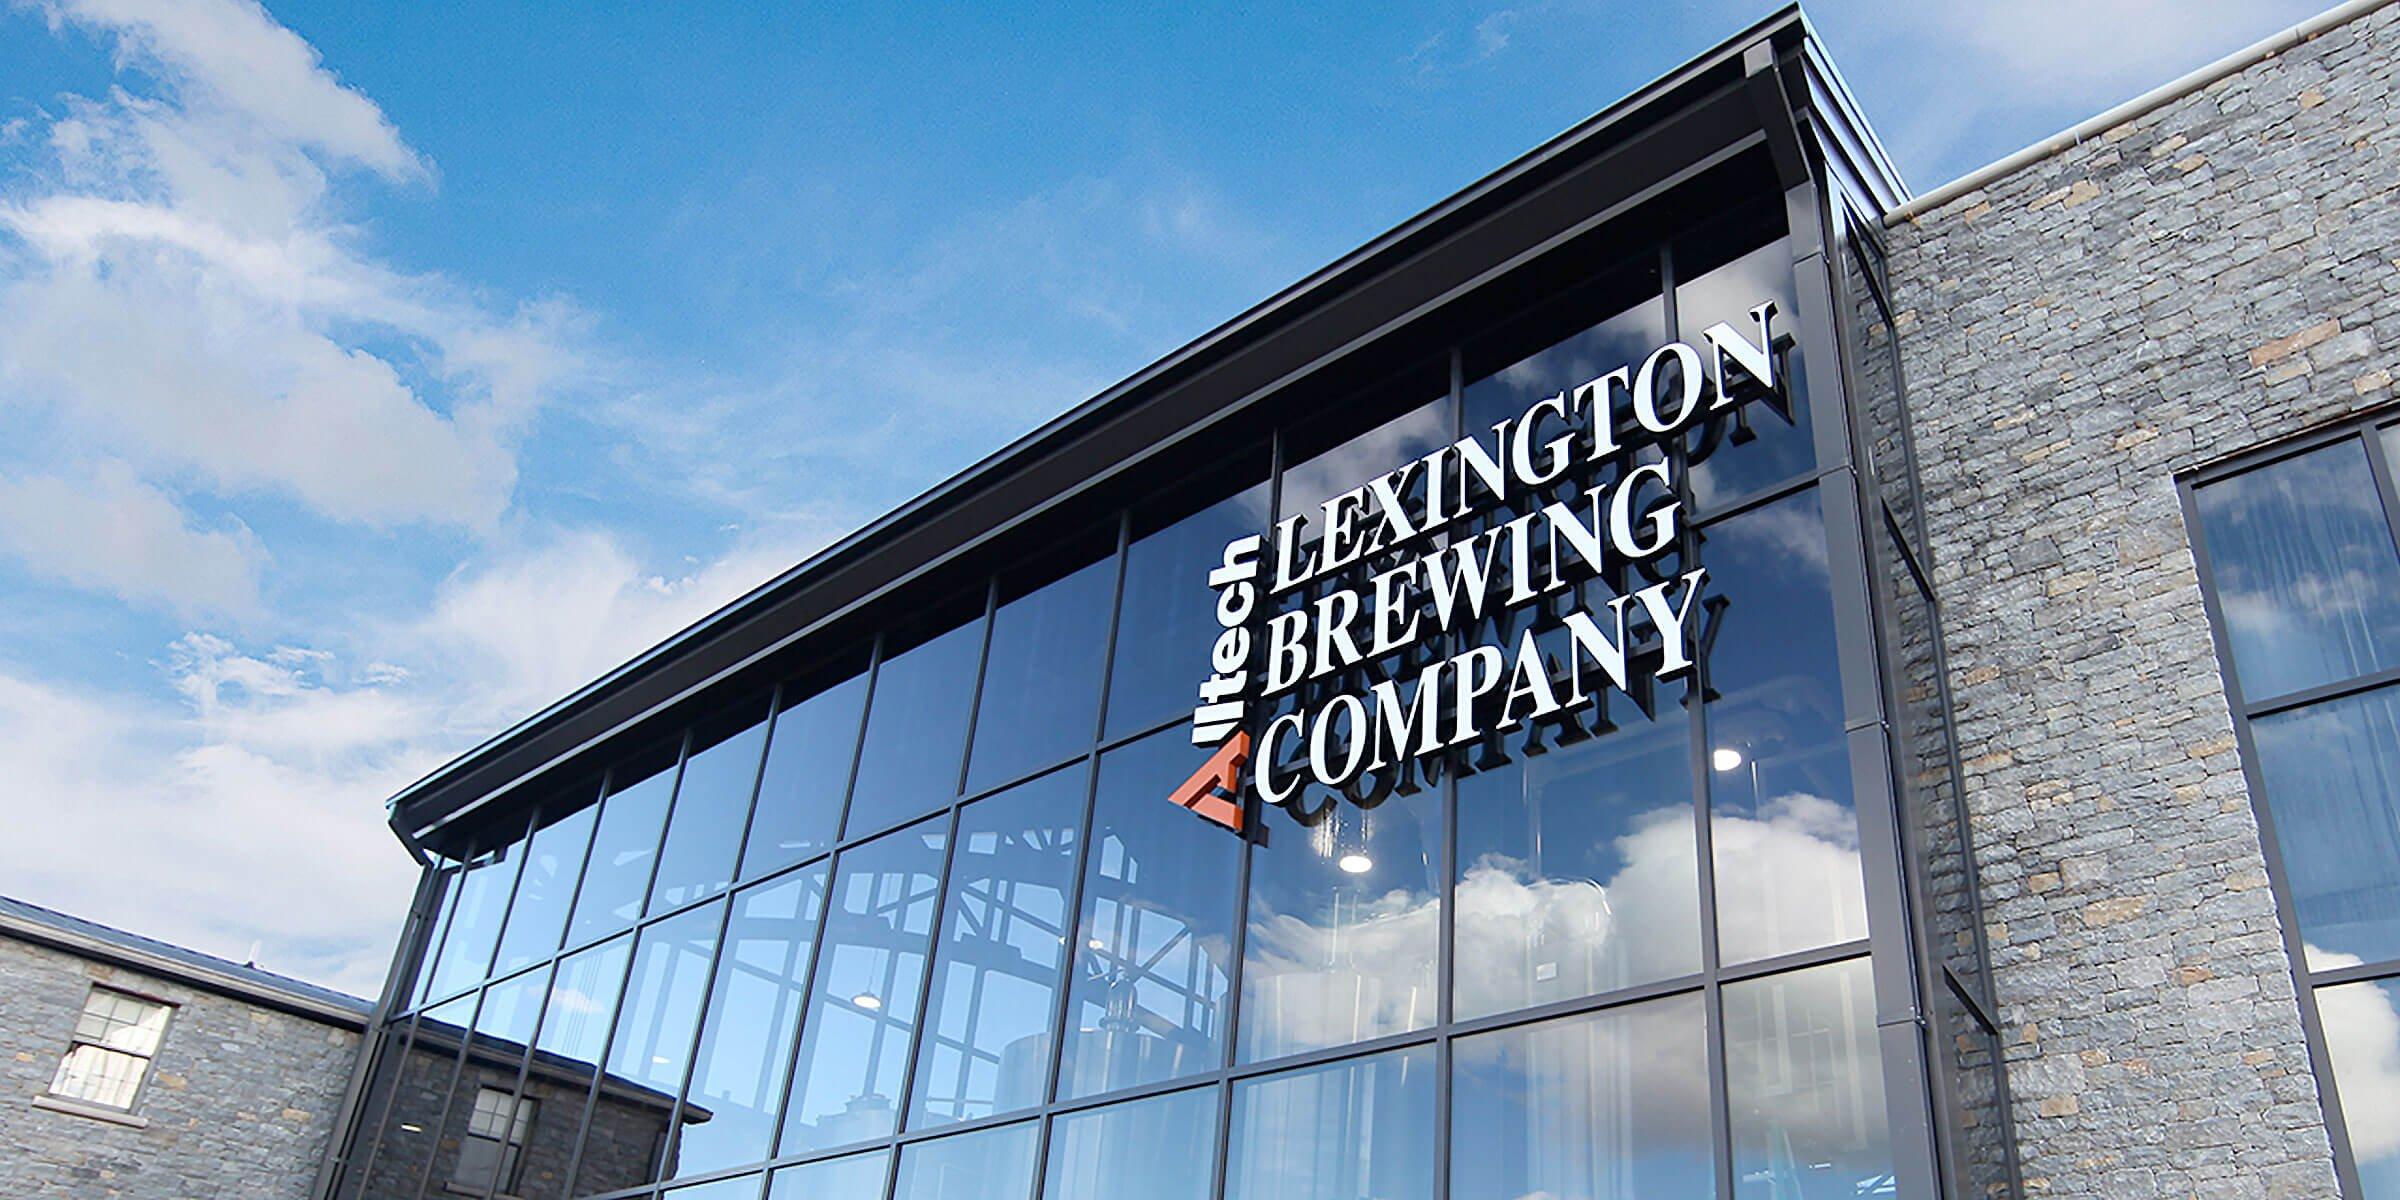 Outside the Alltech Lexington Brewing & Distilling Co. in Lexington, Kentucky